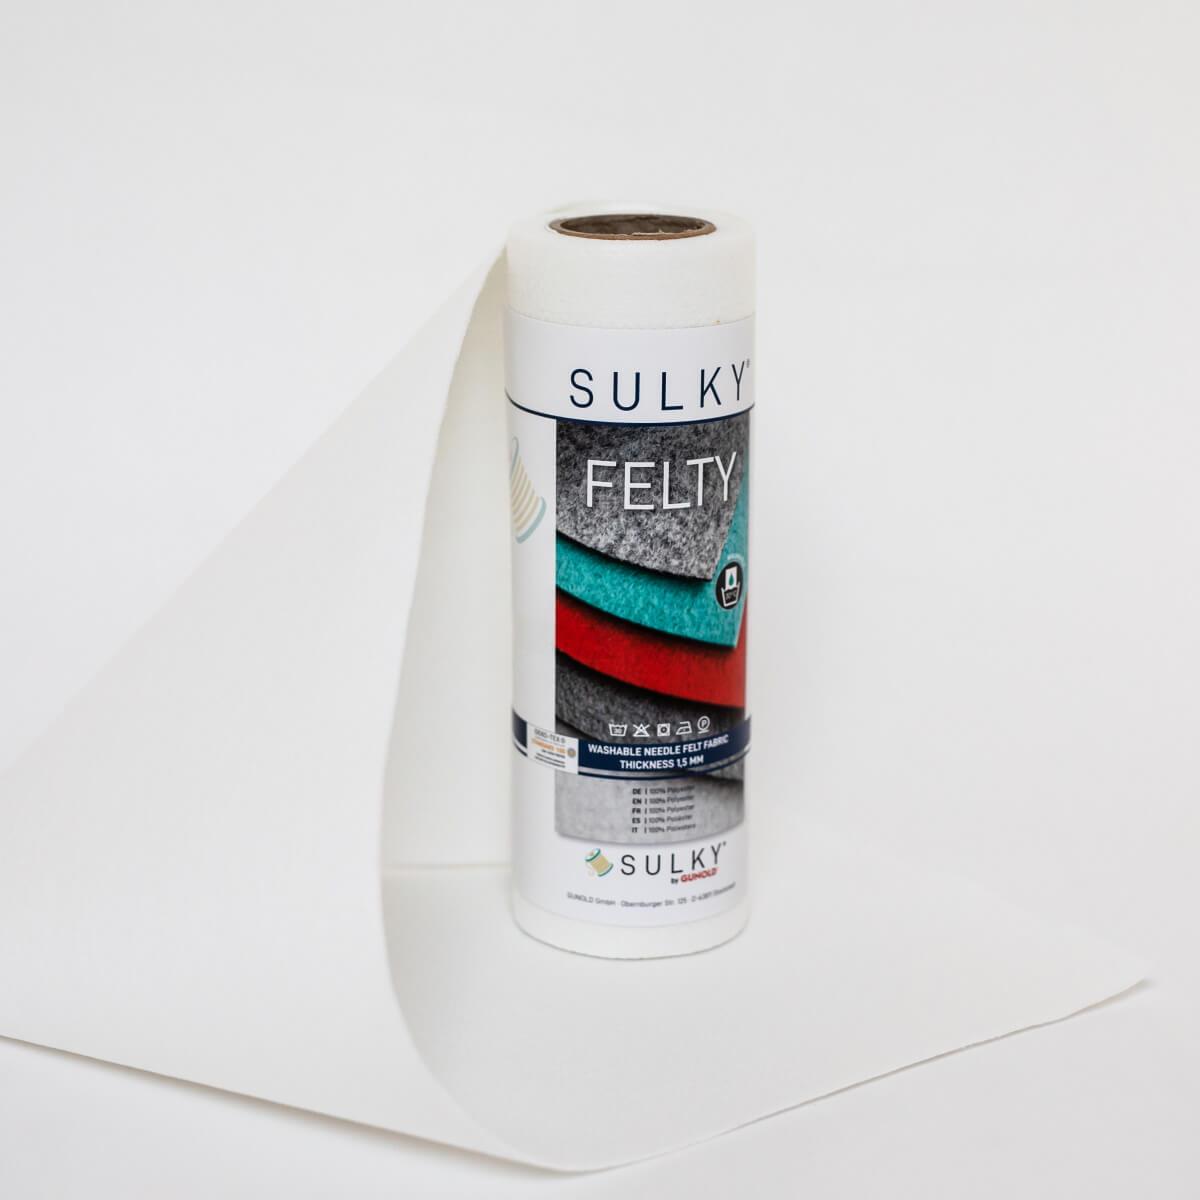 SULKY FELTY, waschbar, 25cm x 3m - Farbe 400 rohweiß